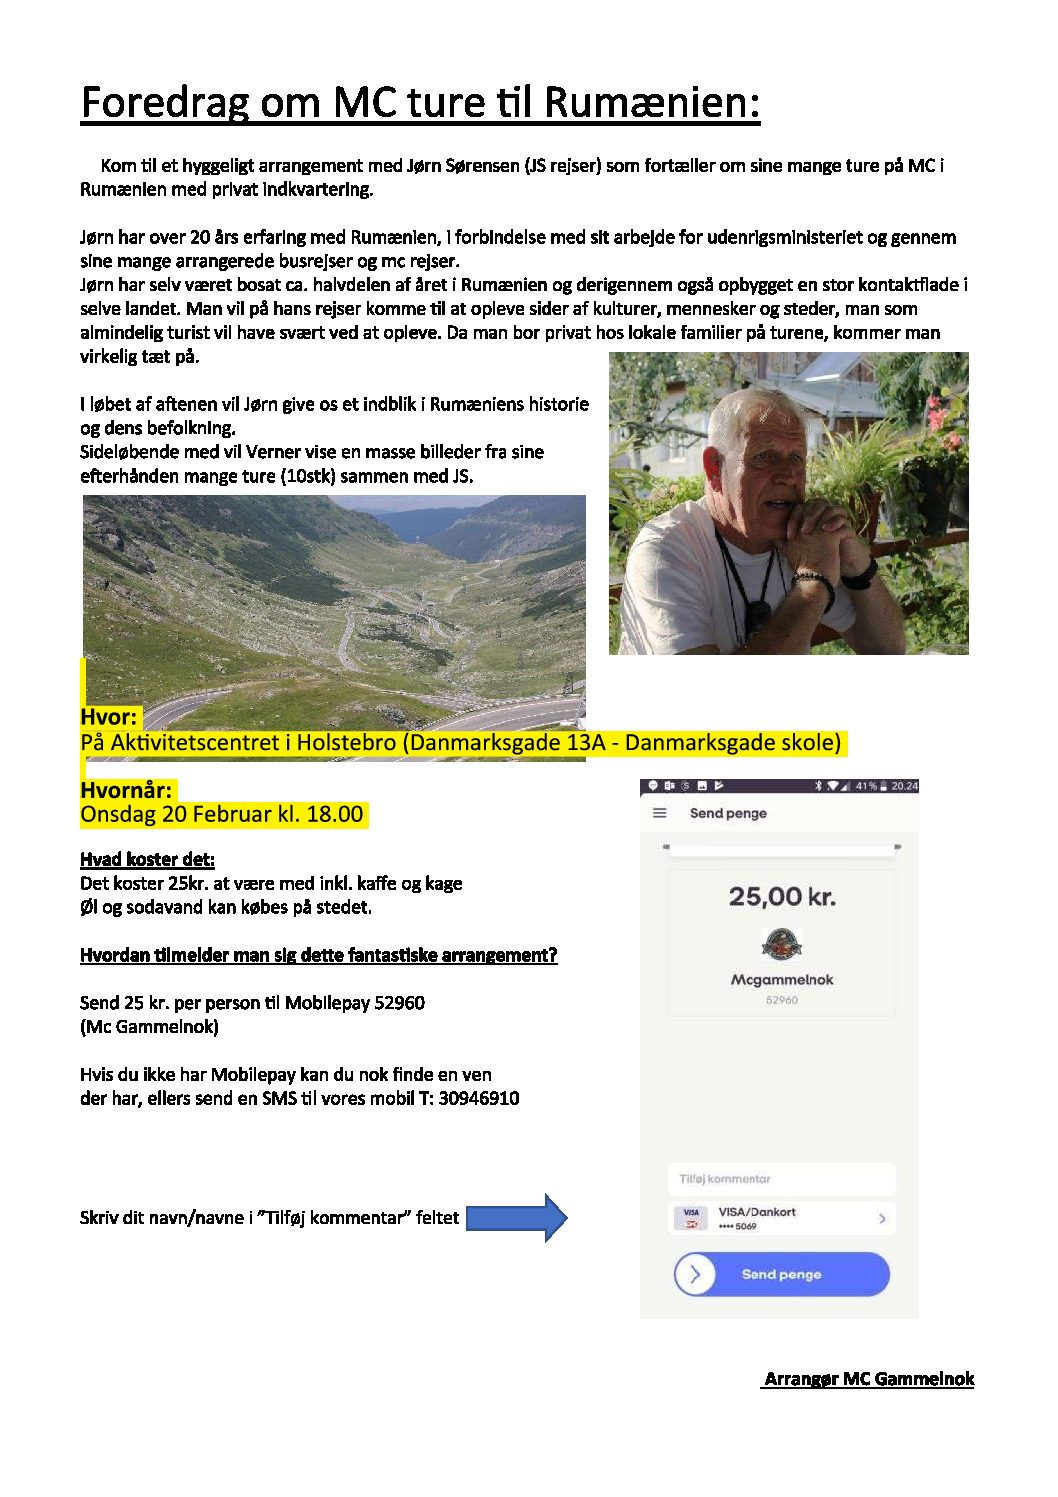 Foredrag om MC ture til Rumænien